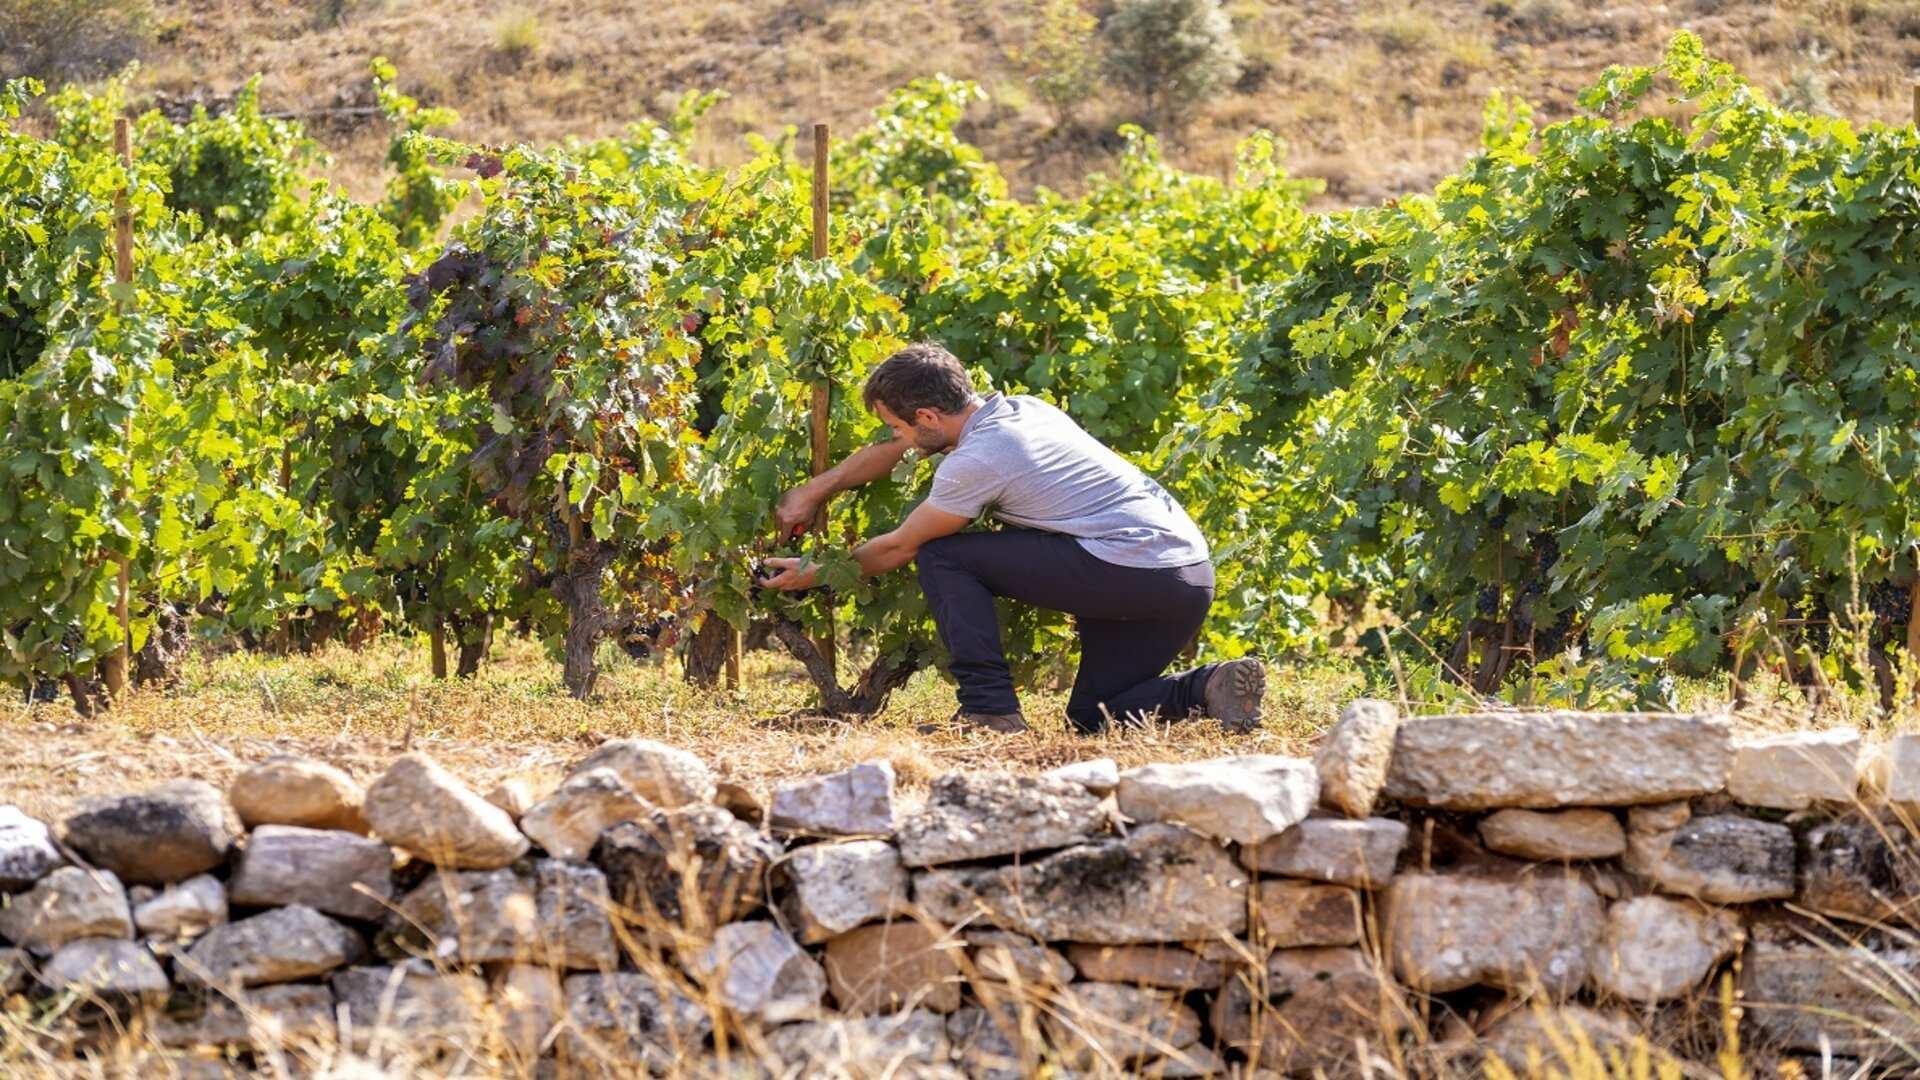 Evitar perder la acidez de los vinos (una de las consecuencias del cambio climático)